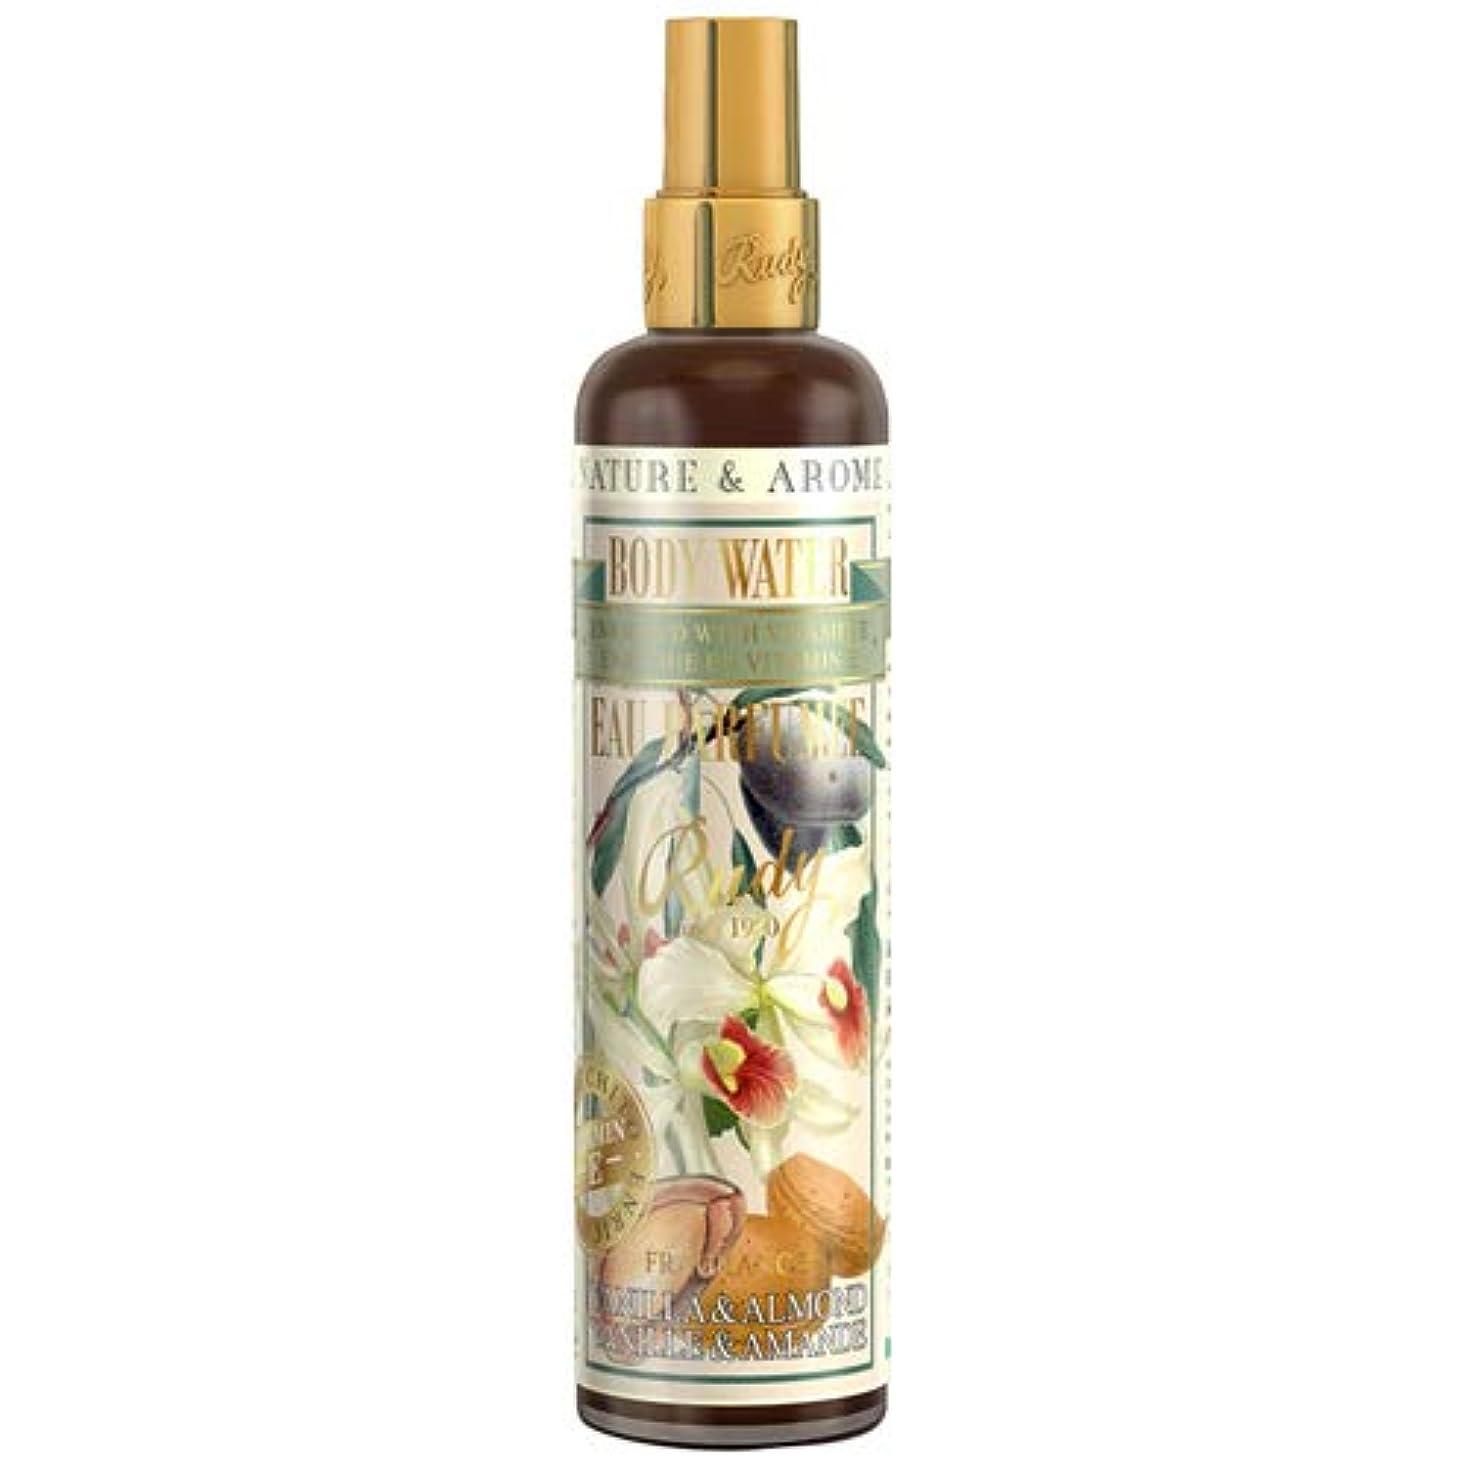 失礼な証明自動車ルディ(Rudy) RUDY Nature&Arome Apothecary ネイチャーアロマ アポセカリー Body Water ボディウォーター(ボディミスト) Vanilla & Almond バニラ&アーモンド